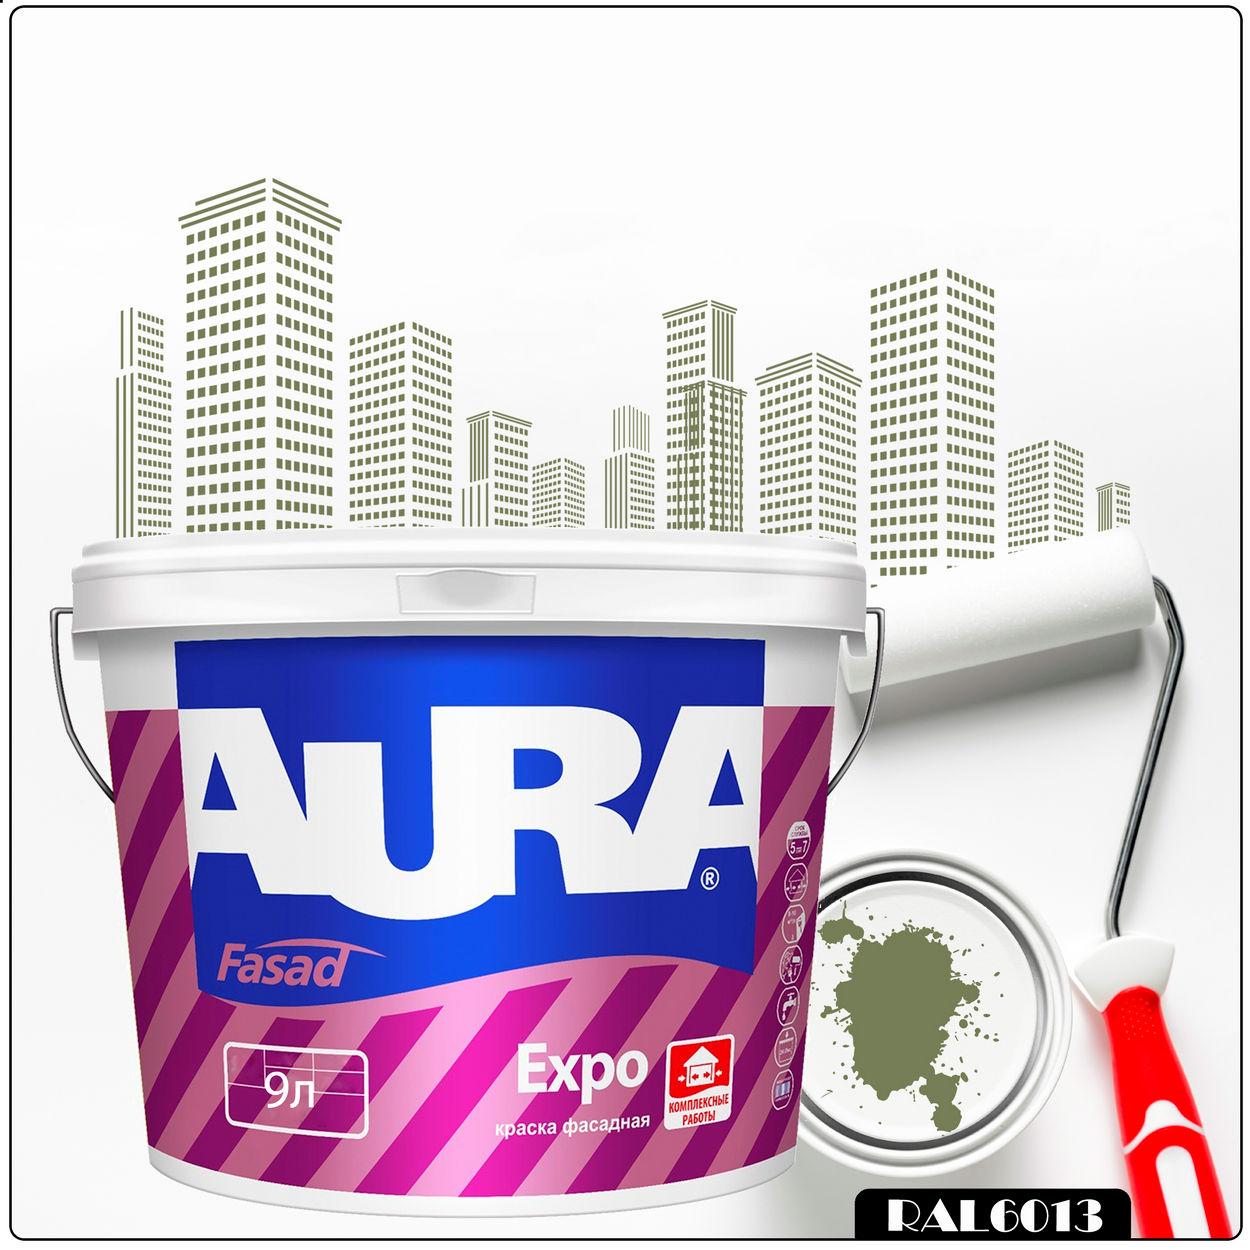 Фото 14 - Краска Aura Fasad Expo, RAL 6013 Зеленый-тростник, матовая, для фасадов и помещений с повышенной влажностью, 9л.